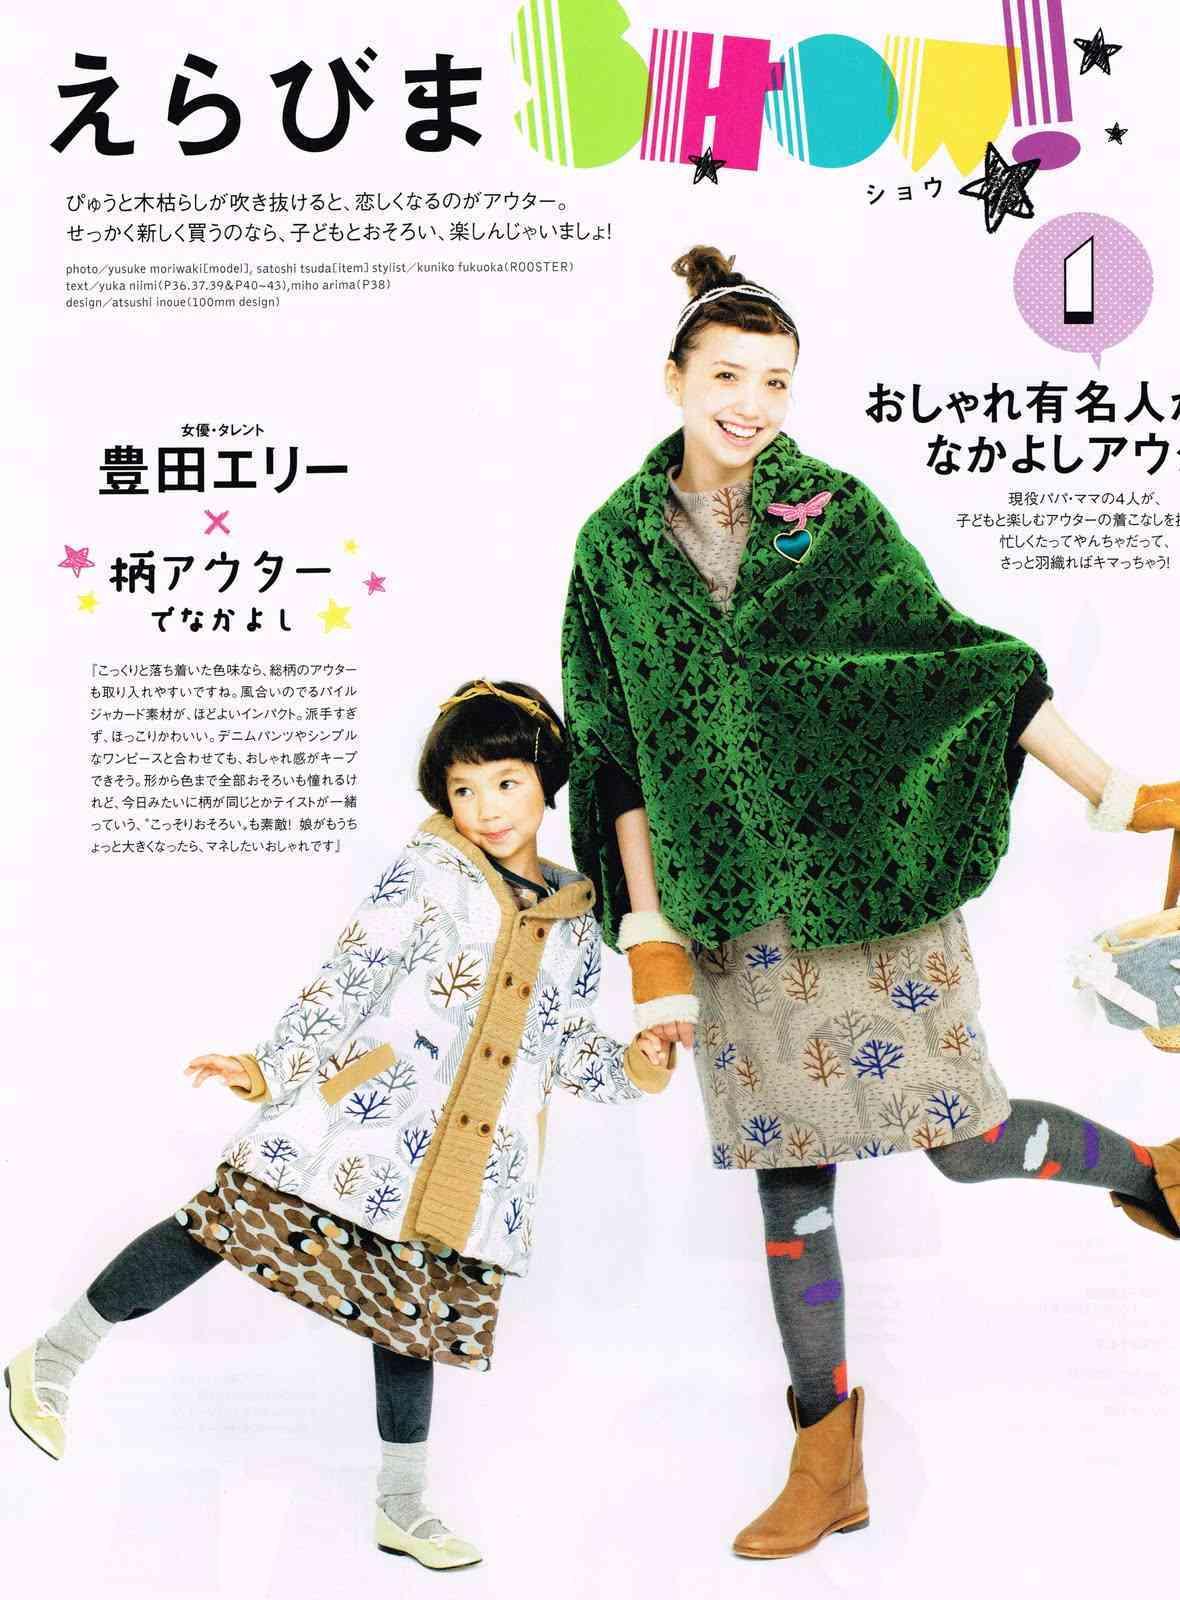 ママが参考にしているファッション雑誌